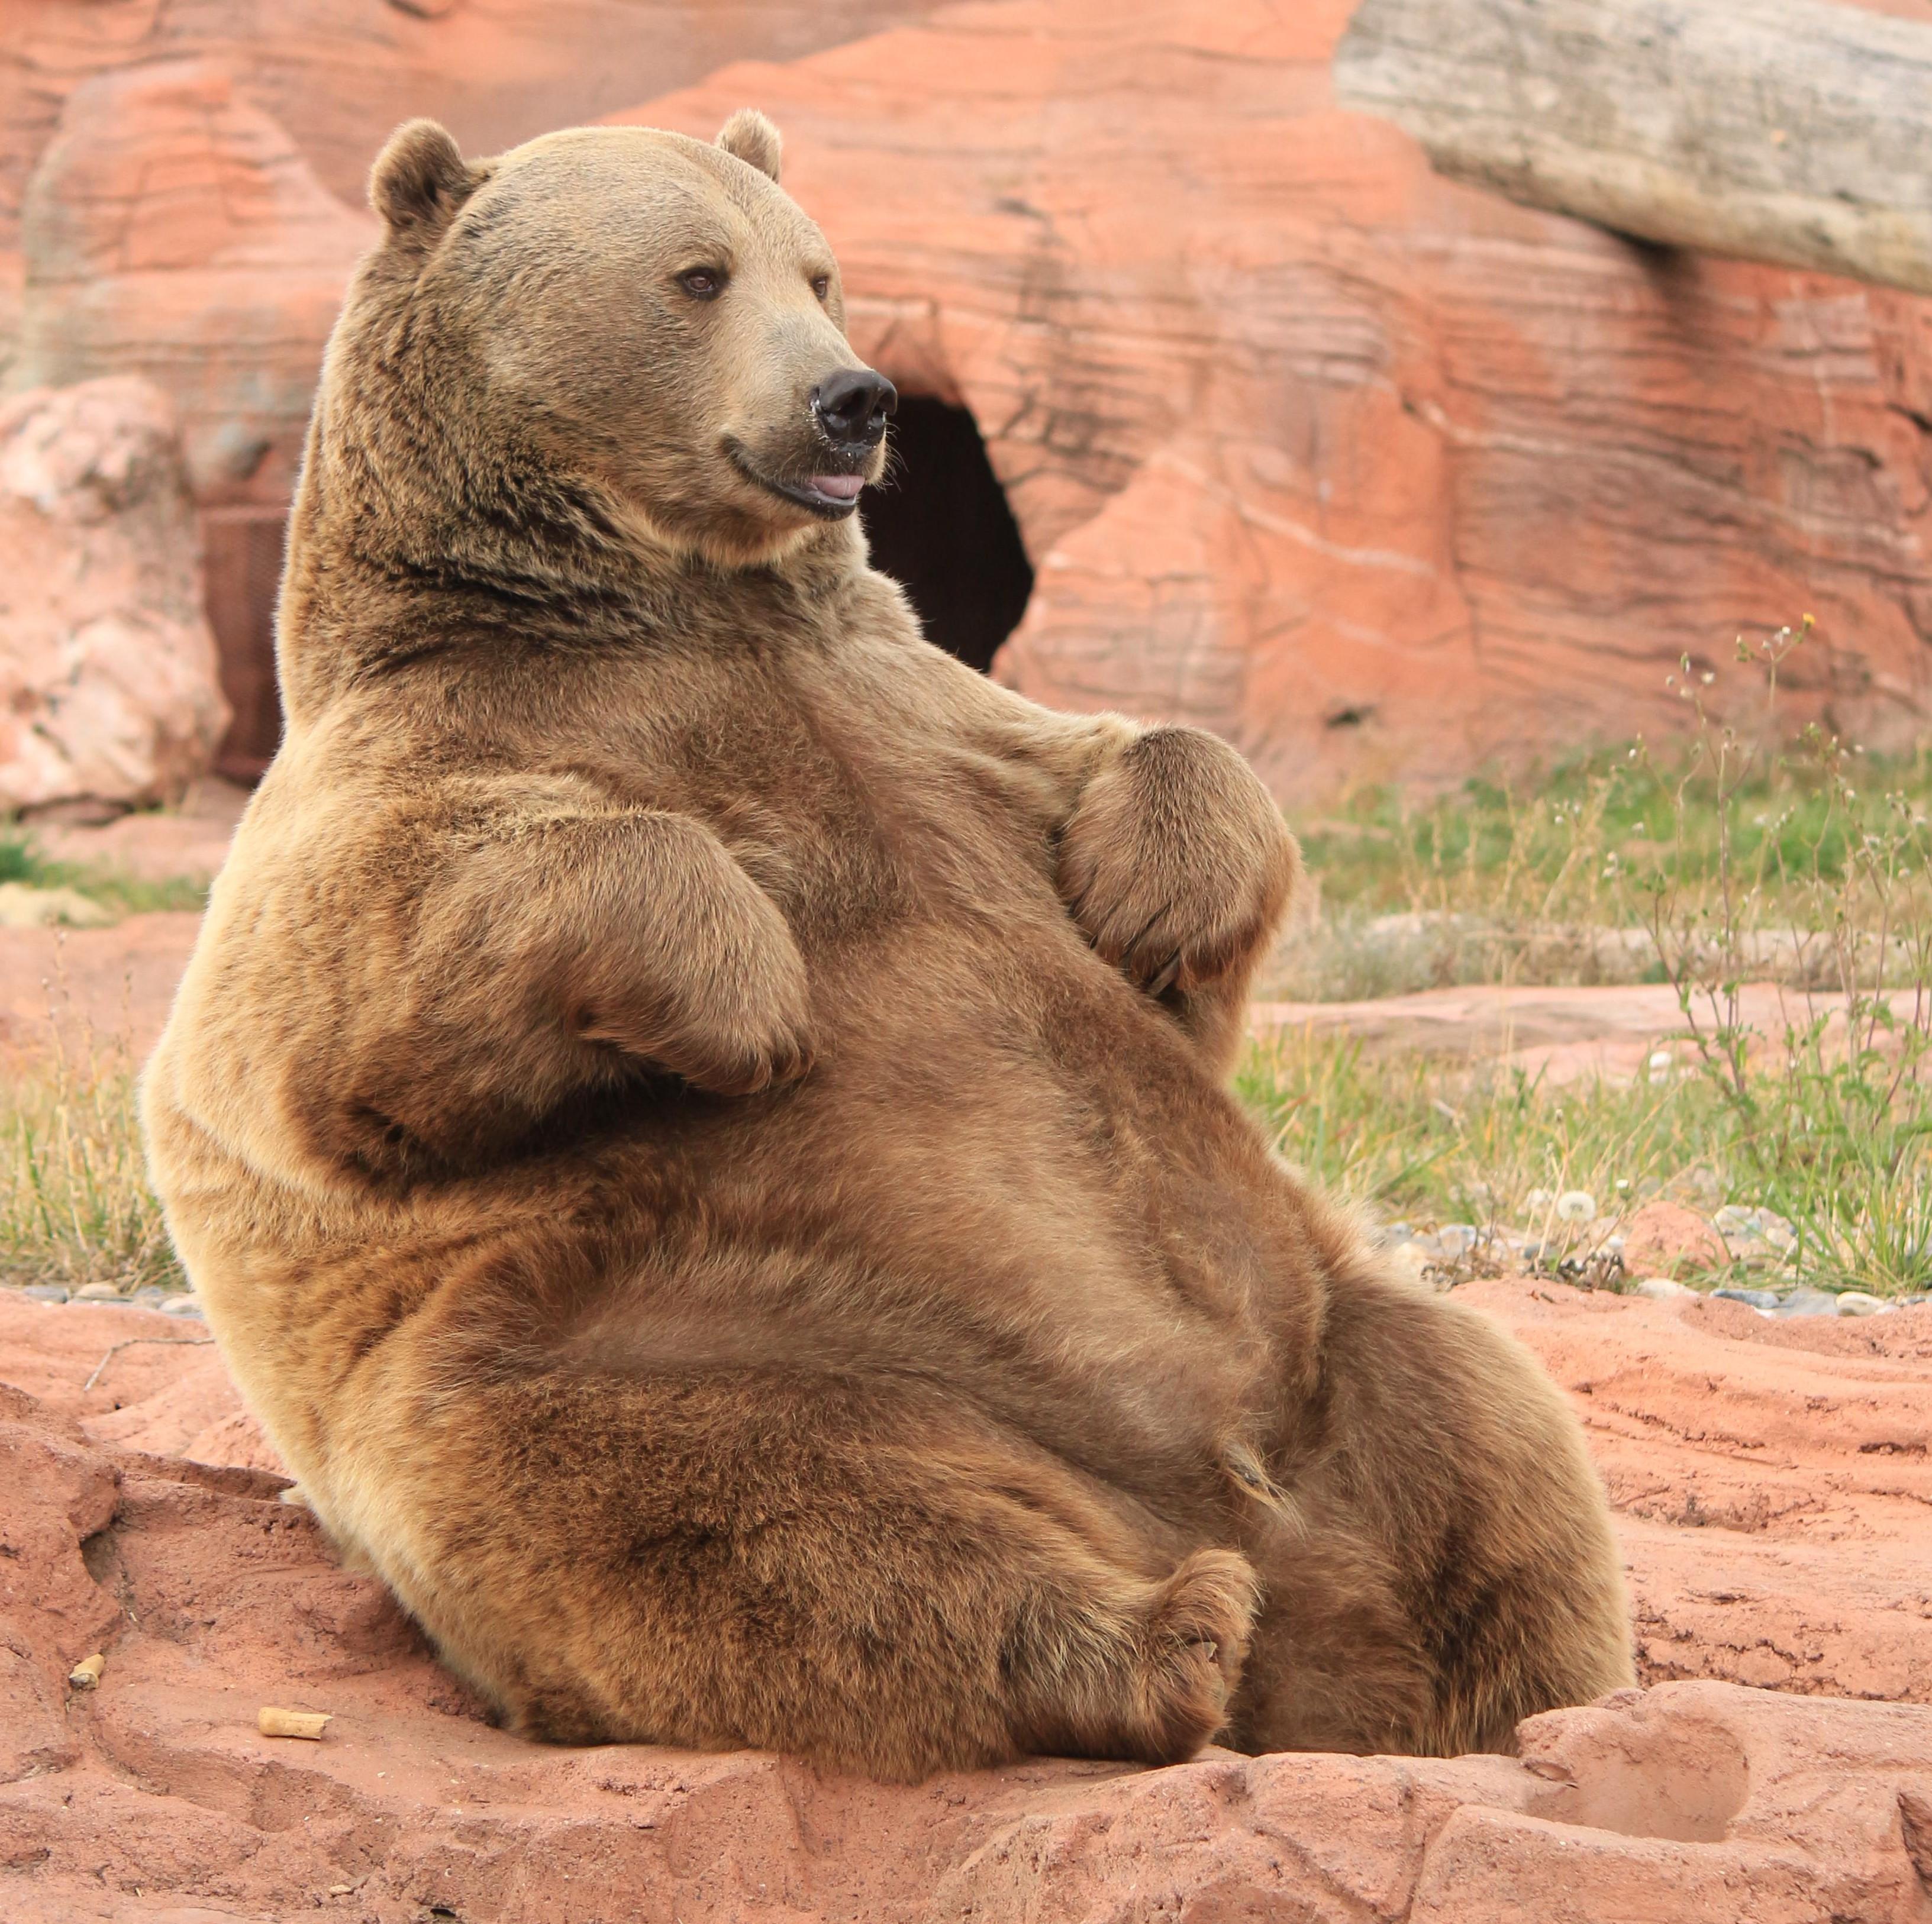 熊もぬるいとこんな感じ?